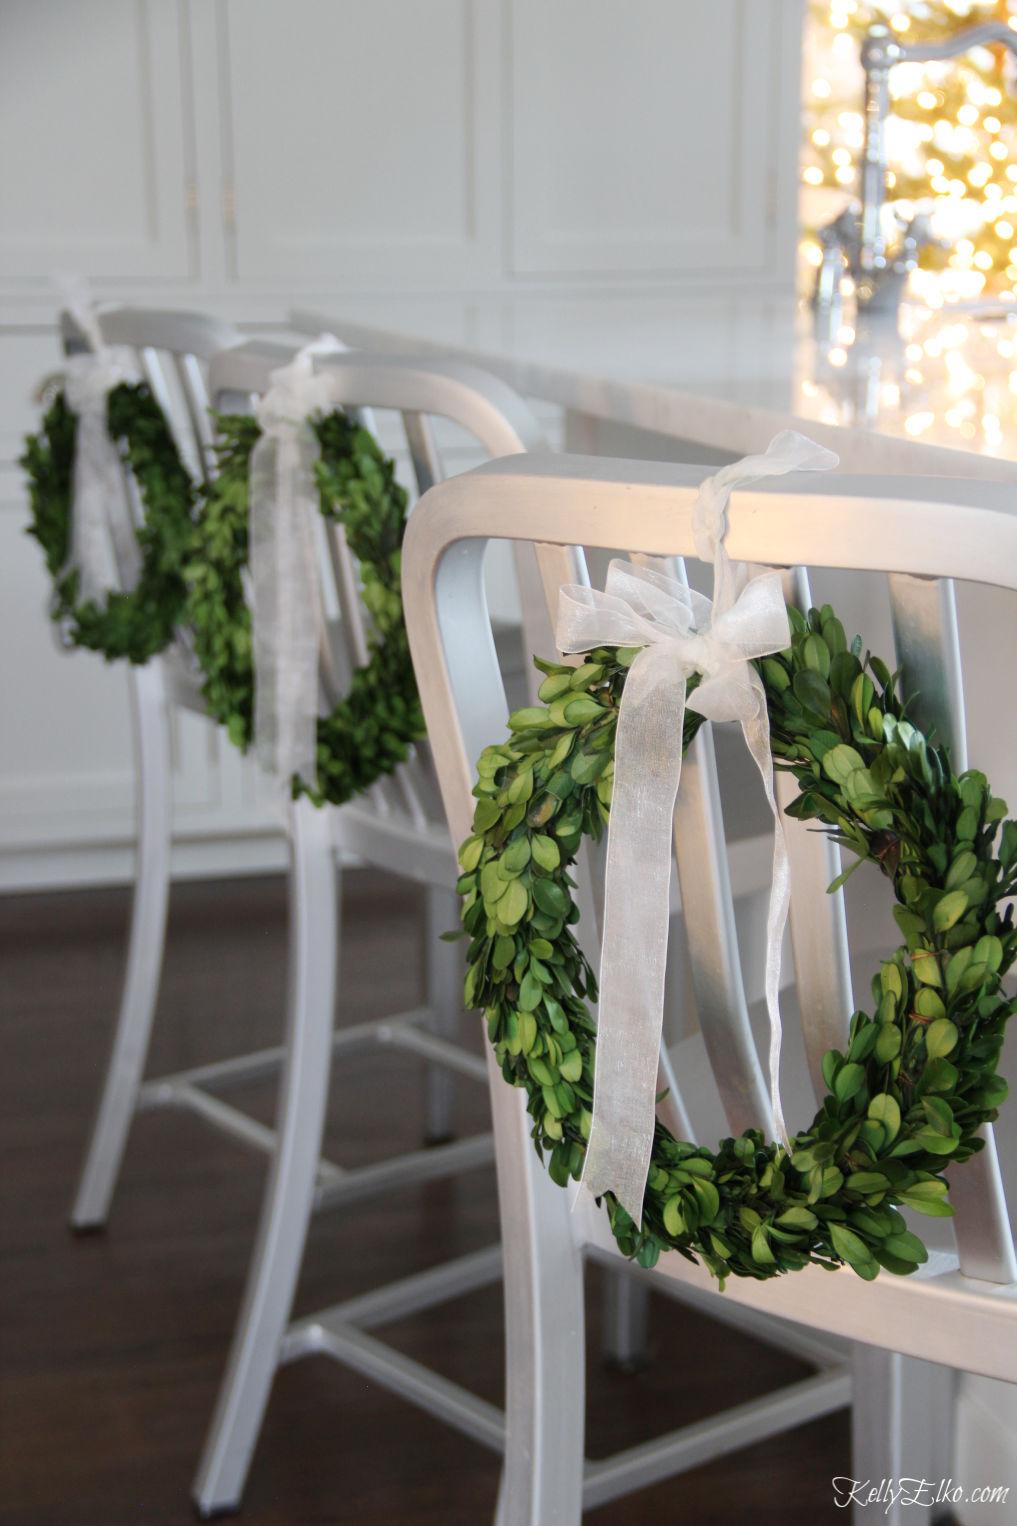 Love this Christmas Home Tour with mini boxwood wreaths on kitchen counter stools kellyelko.com #christmas #christmasdecor #christmasdecorating #christmashome #christmastour #diychristmas #christmasideas #christmasmantel #christmastree #christmasornaments #vintagechristmas #farmhousechristmas #colorfulchristmas #creativechristmas #kellyelko #boxwood #boxwoodwreaths #christmaskitchen